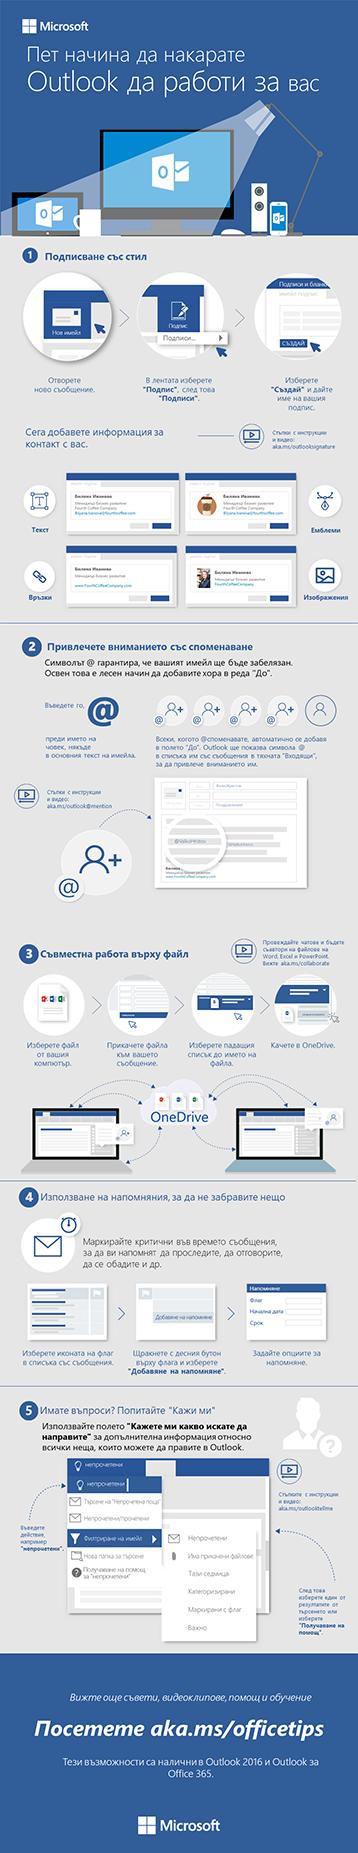 5 стъпки за по-успешни имейли в Outlook 2016